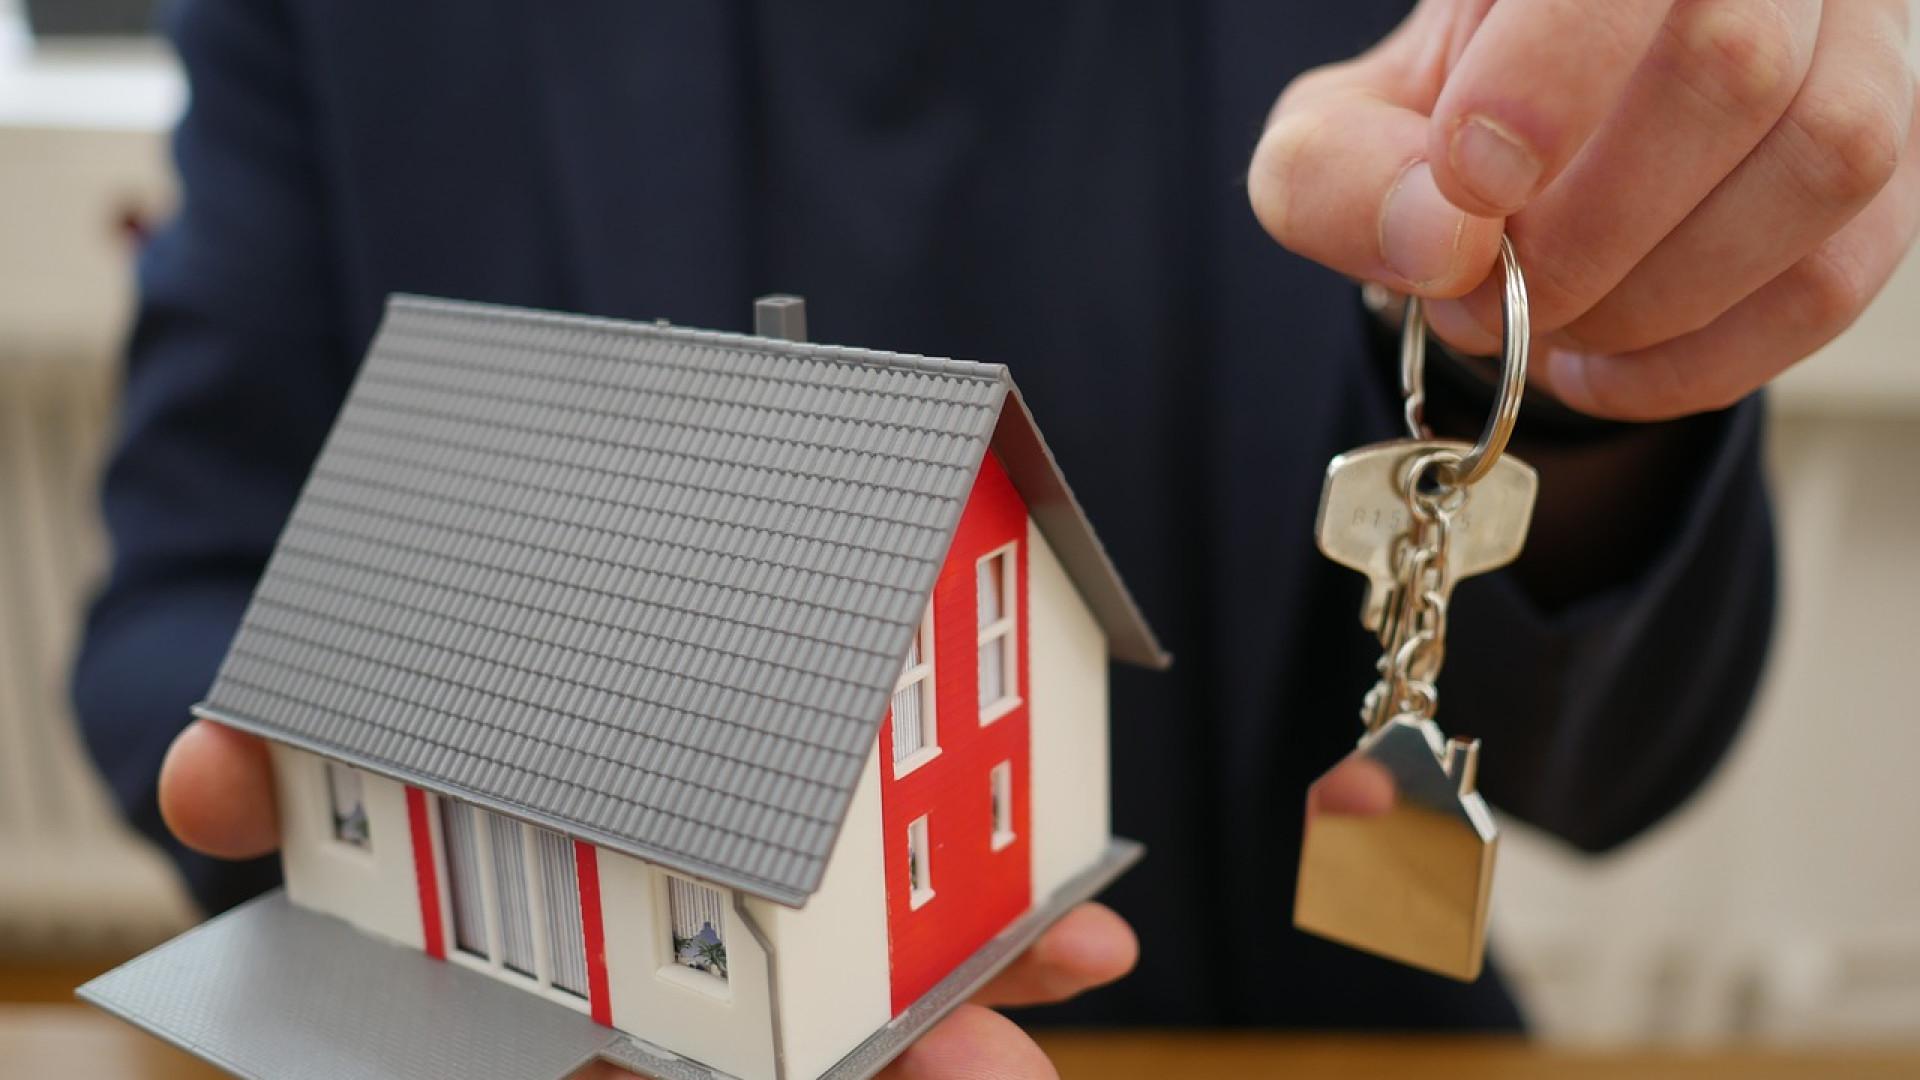 Pourquoi passer par un promoteur immobilier ?